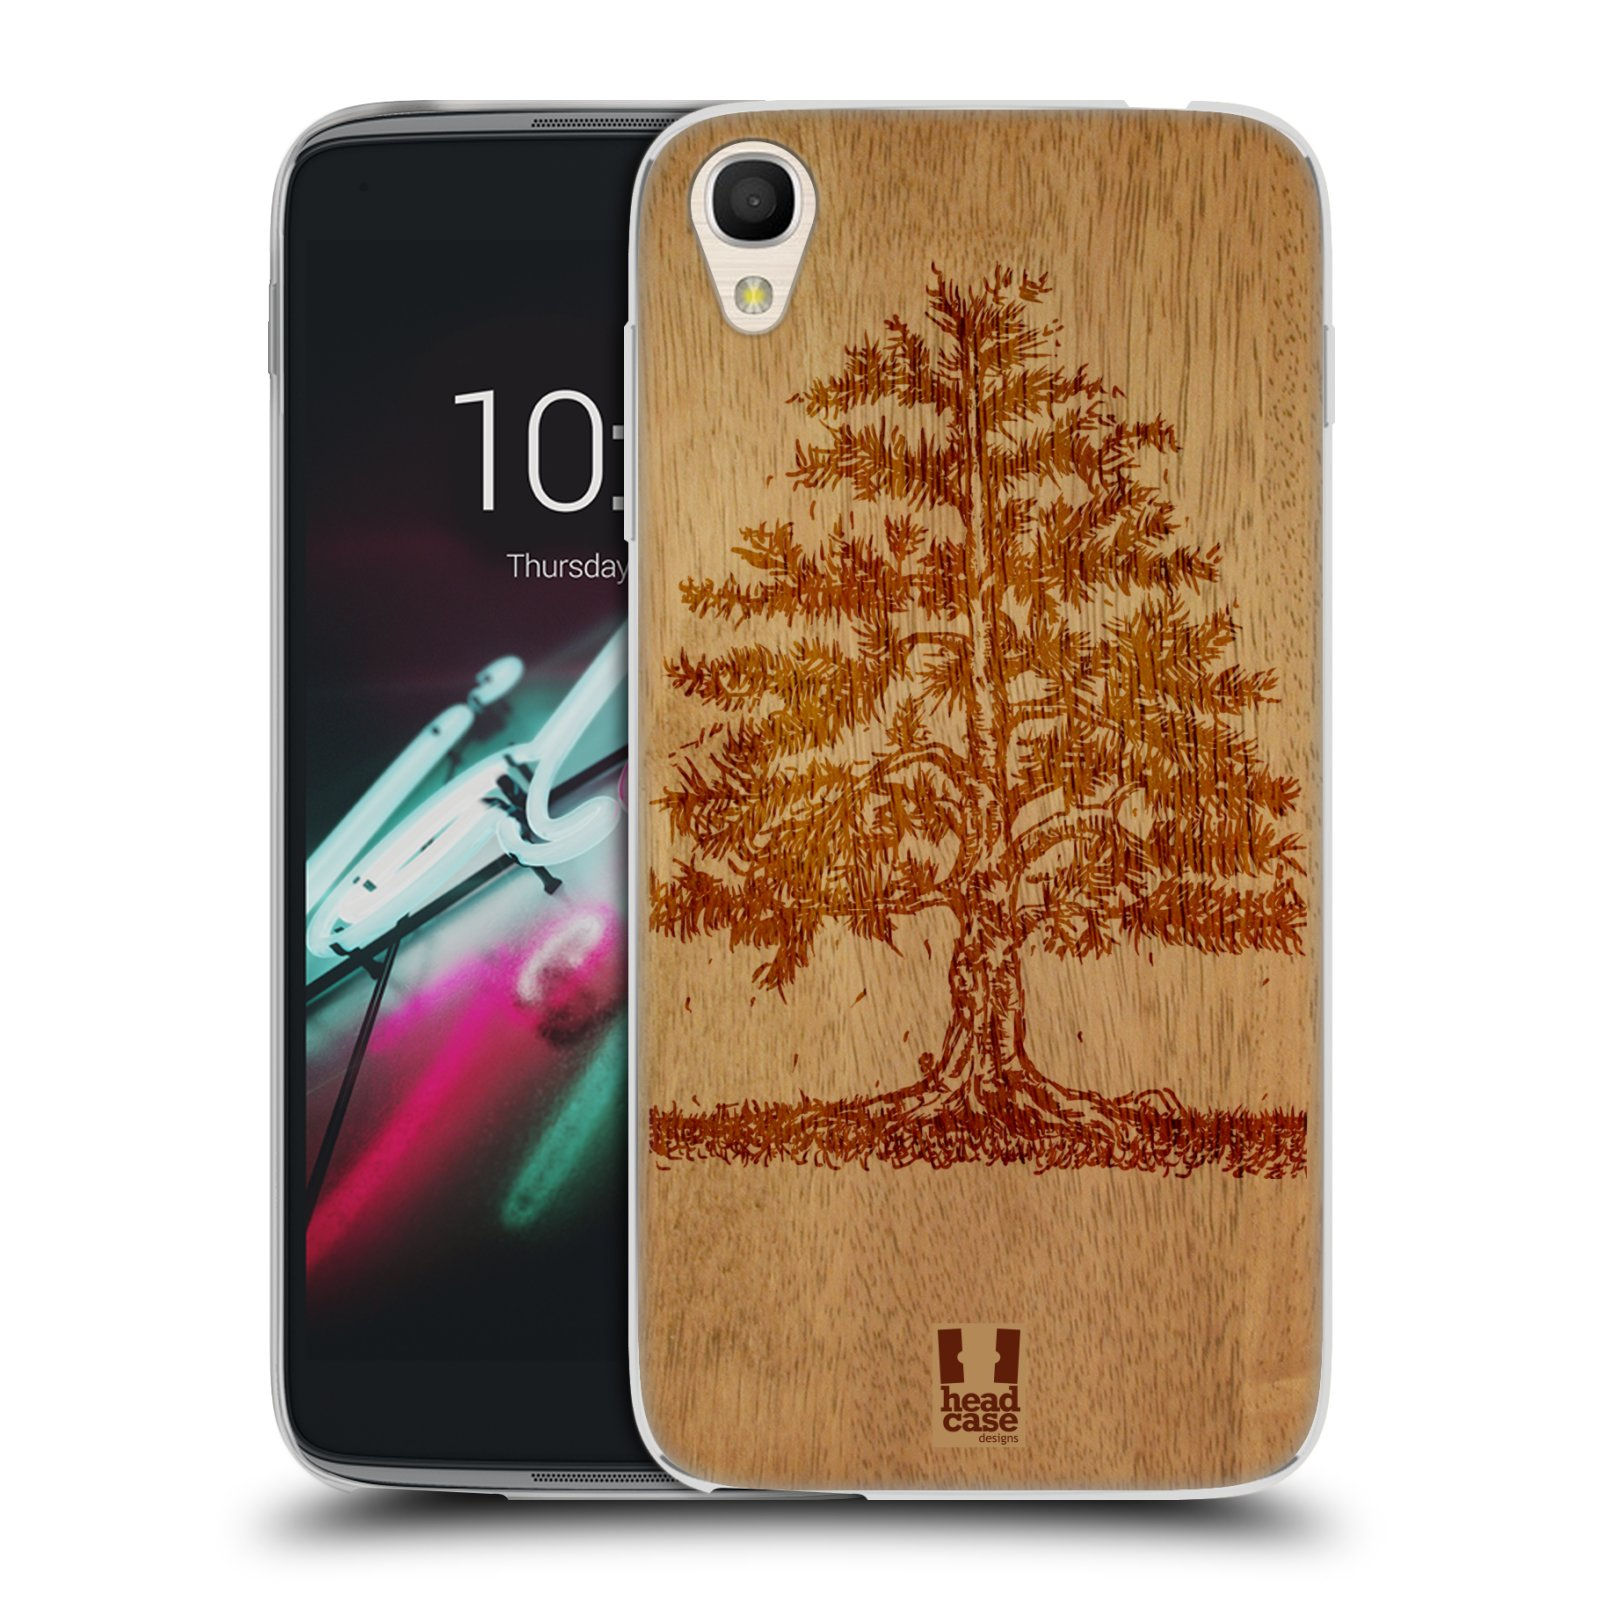 HEAD CASE silikonový obal na mobil Alcatel Idol 3 OT-6039Y (4.7) vzor Dřevěné umění STROM